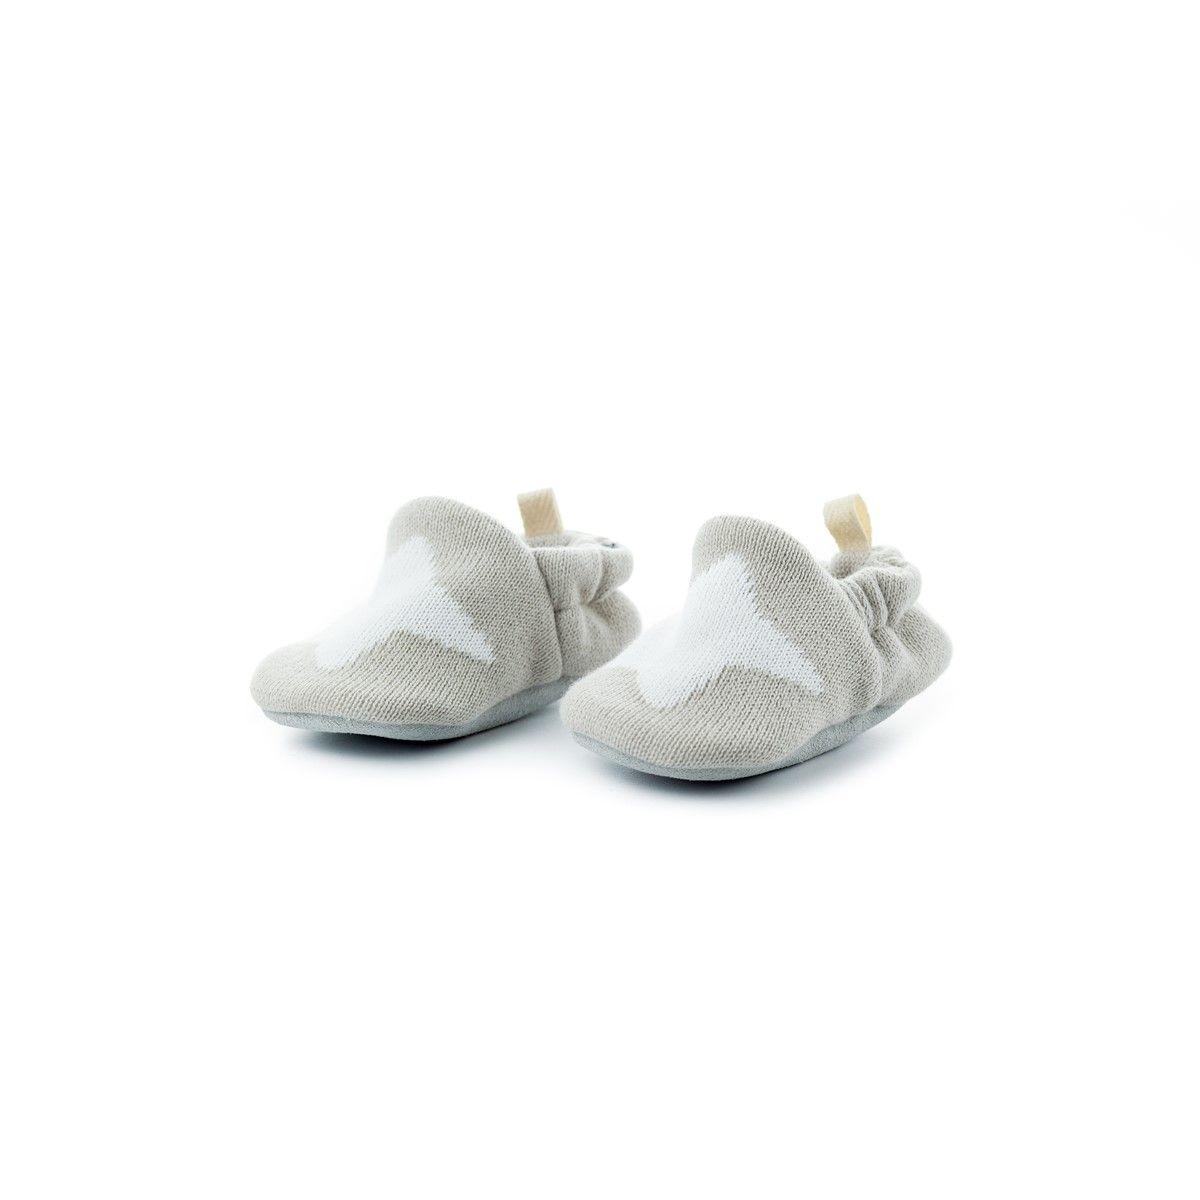 Chaussons pour bébé en coton bio